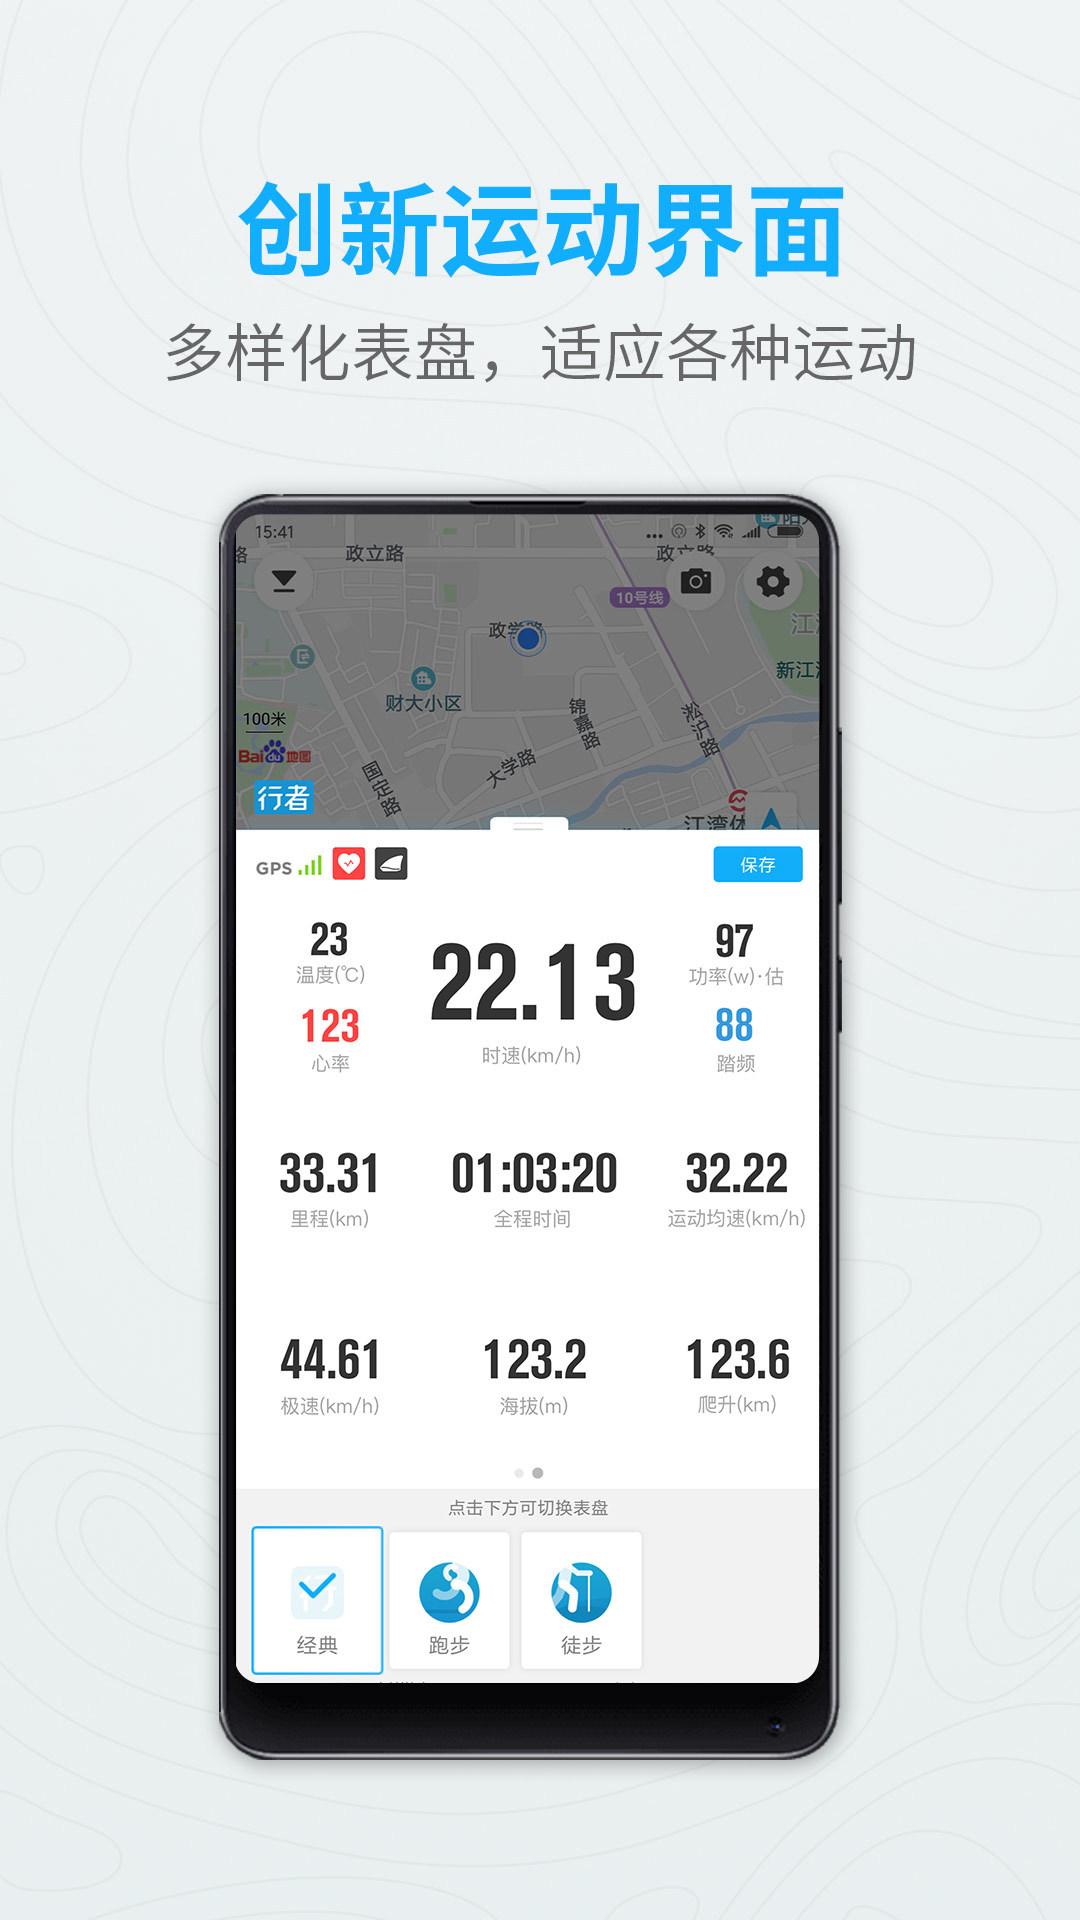 行者骑行软件(专为骑行打造的手机软件)截图